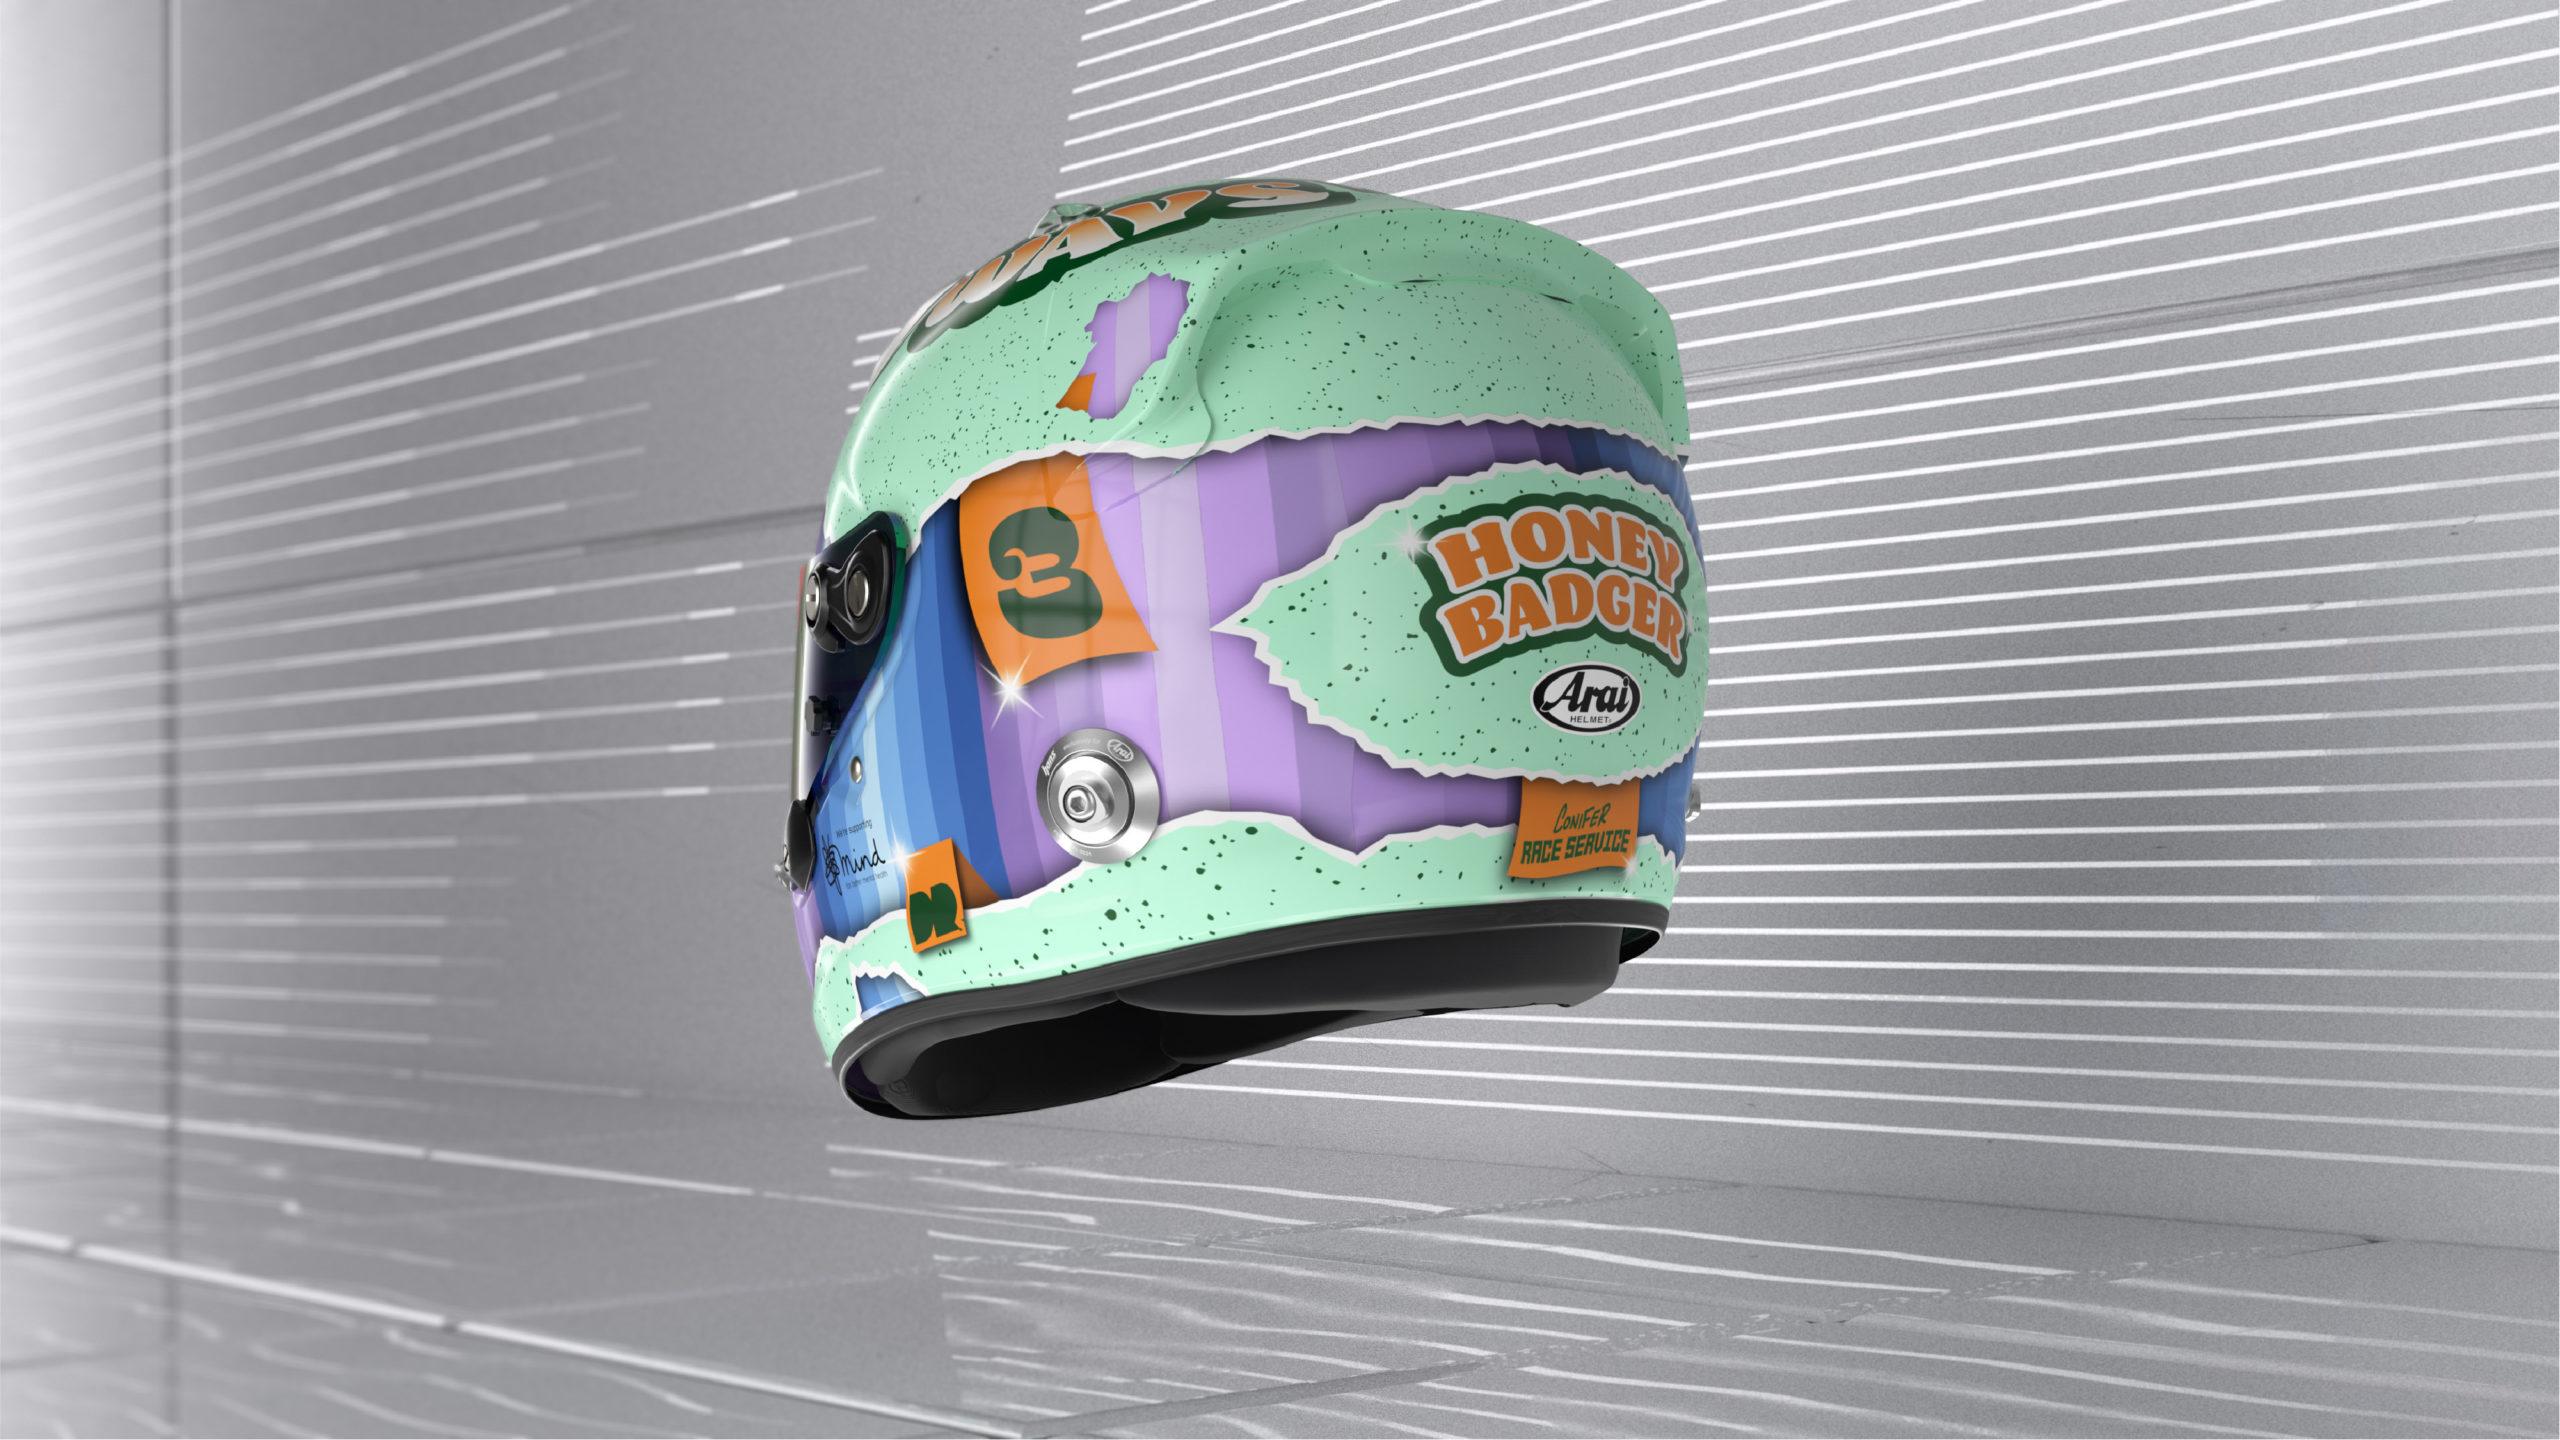 Formel 1 Helm 2021 Ricciardo